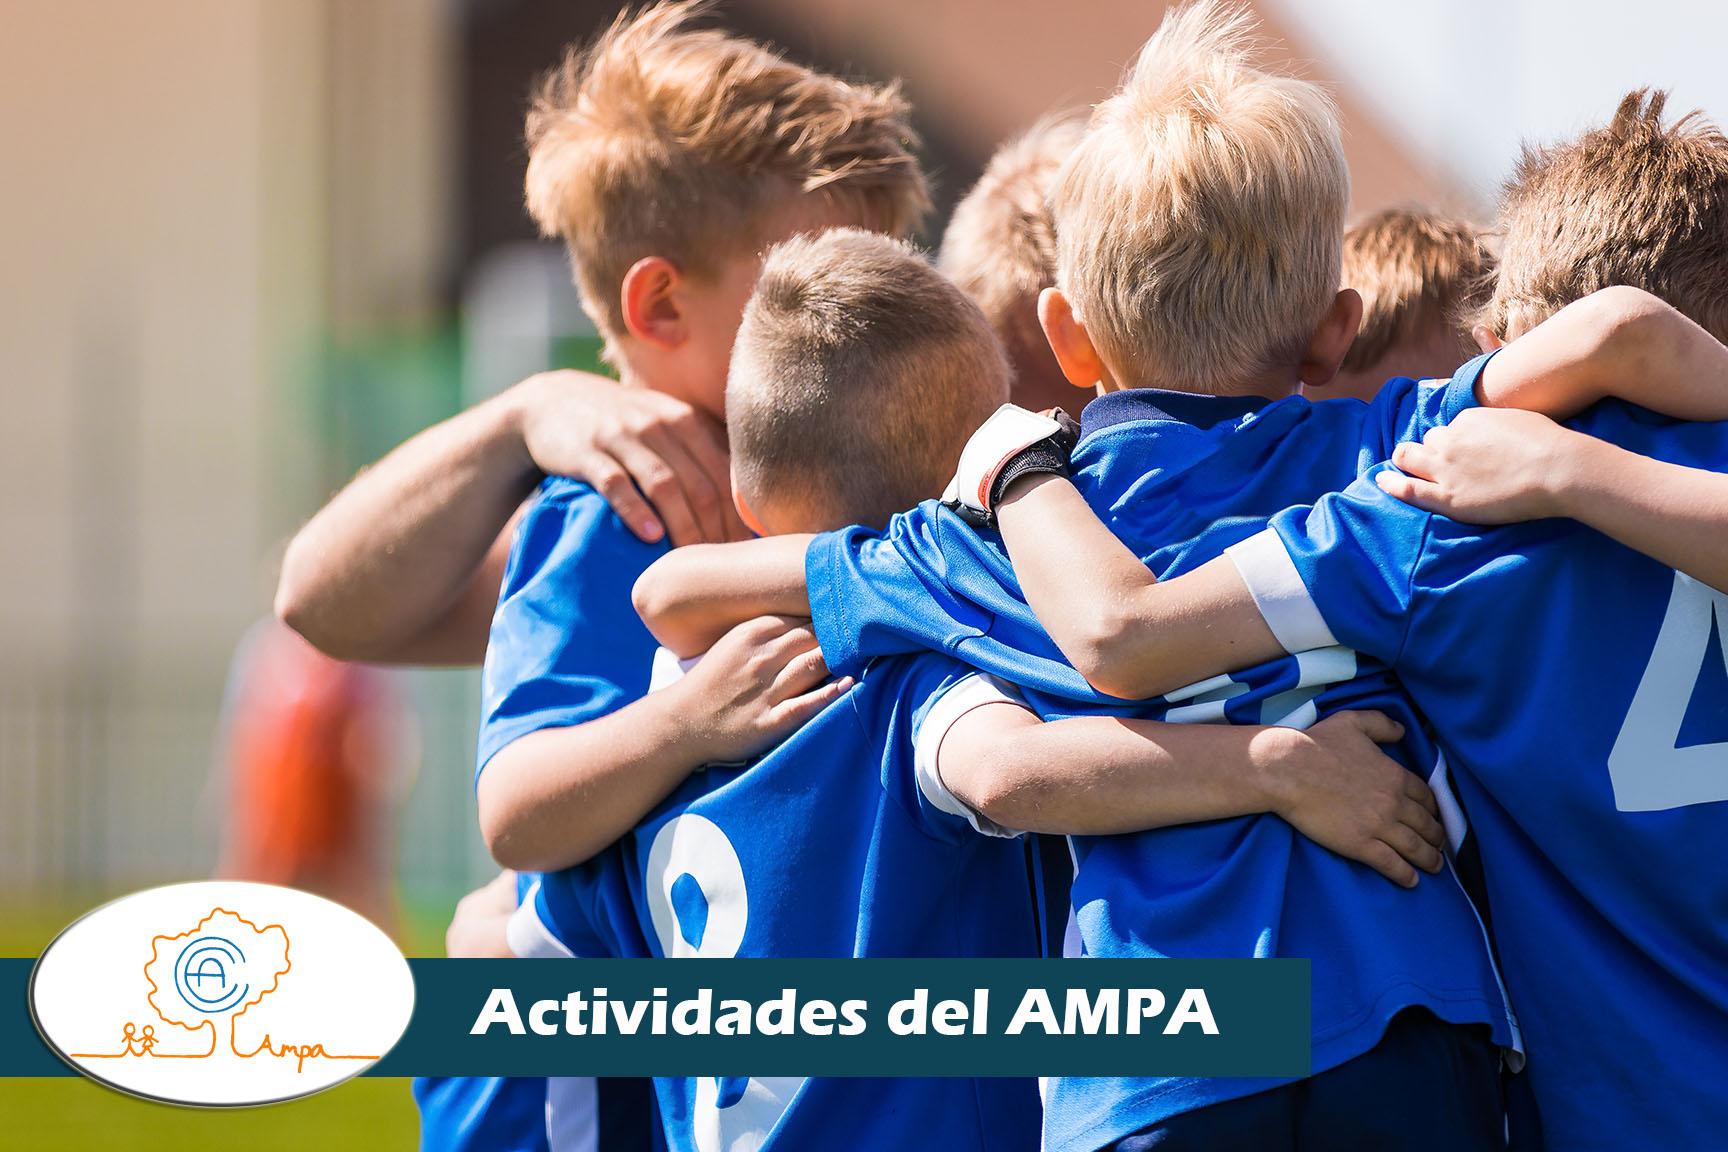 Actividades del AMPA